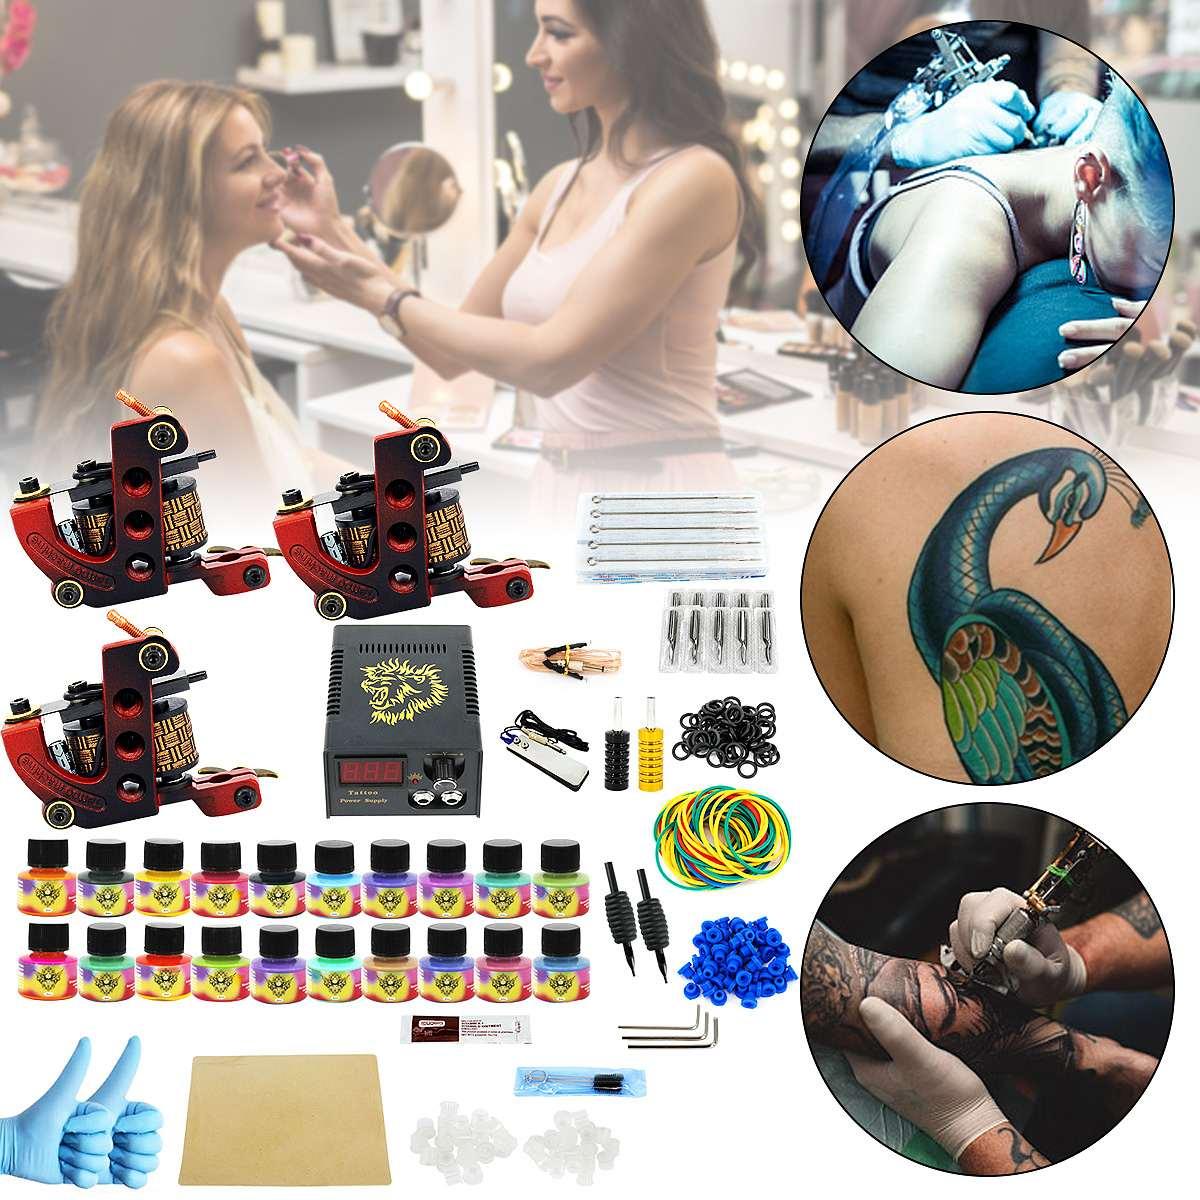 Tatouage 3 Guns Machine Conseils Grip 20 Couleurs Pigment De Tatouage Kits alimentation Accessoires Makesup Complète Corps Tatoo Permanent Art